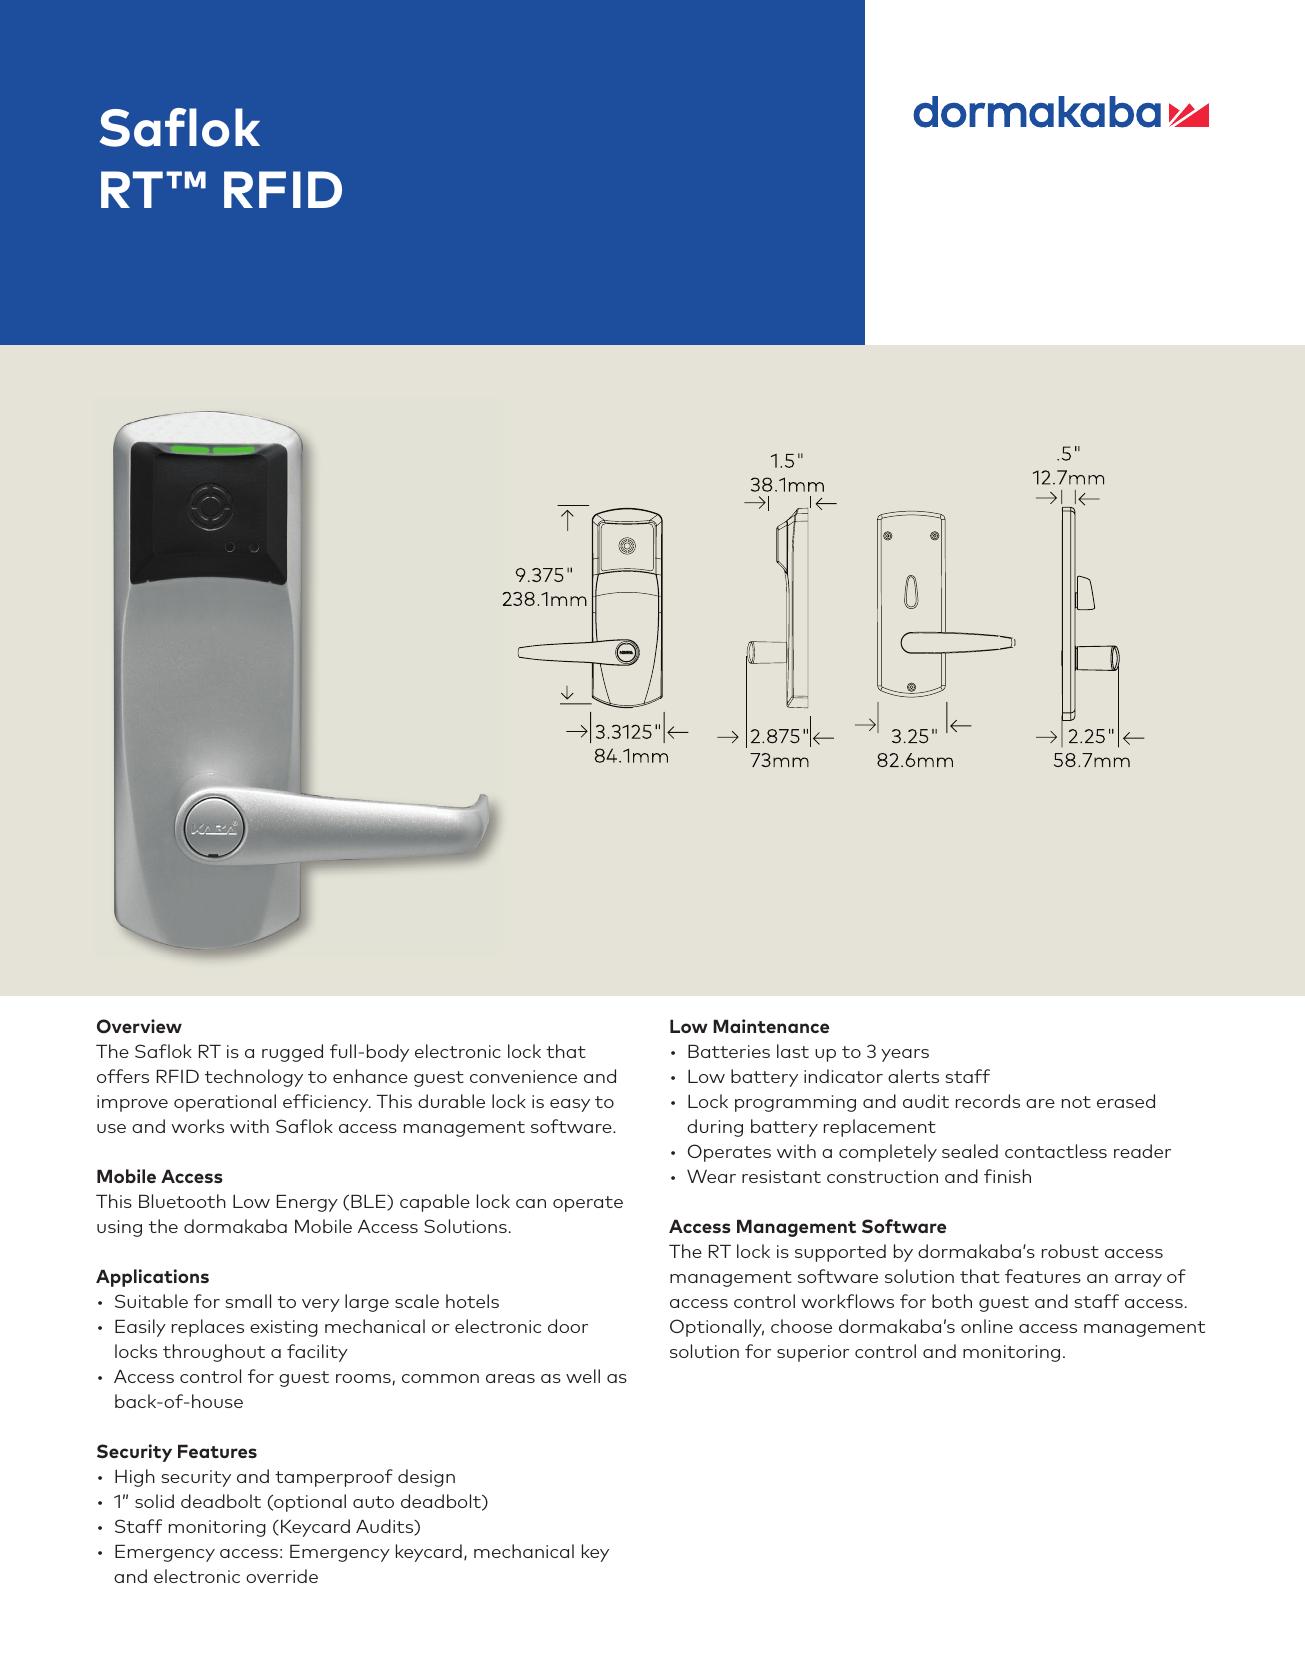 Kaba Saflok RT RFID Fact Sheet Series [M3573] m3573